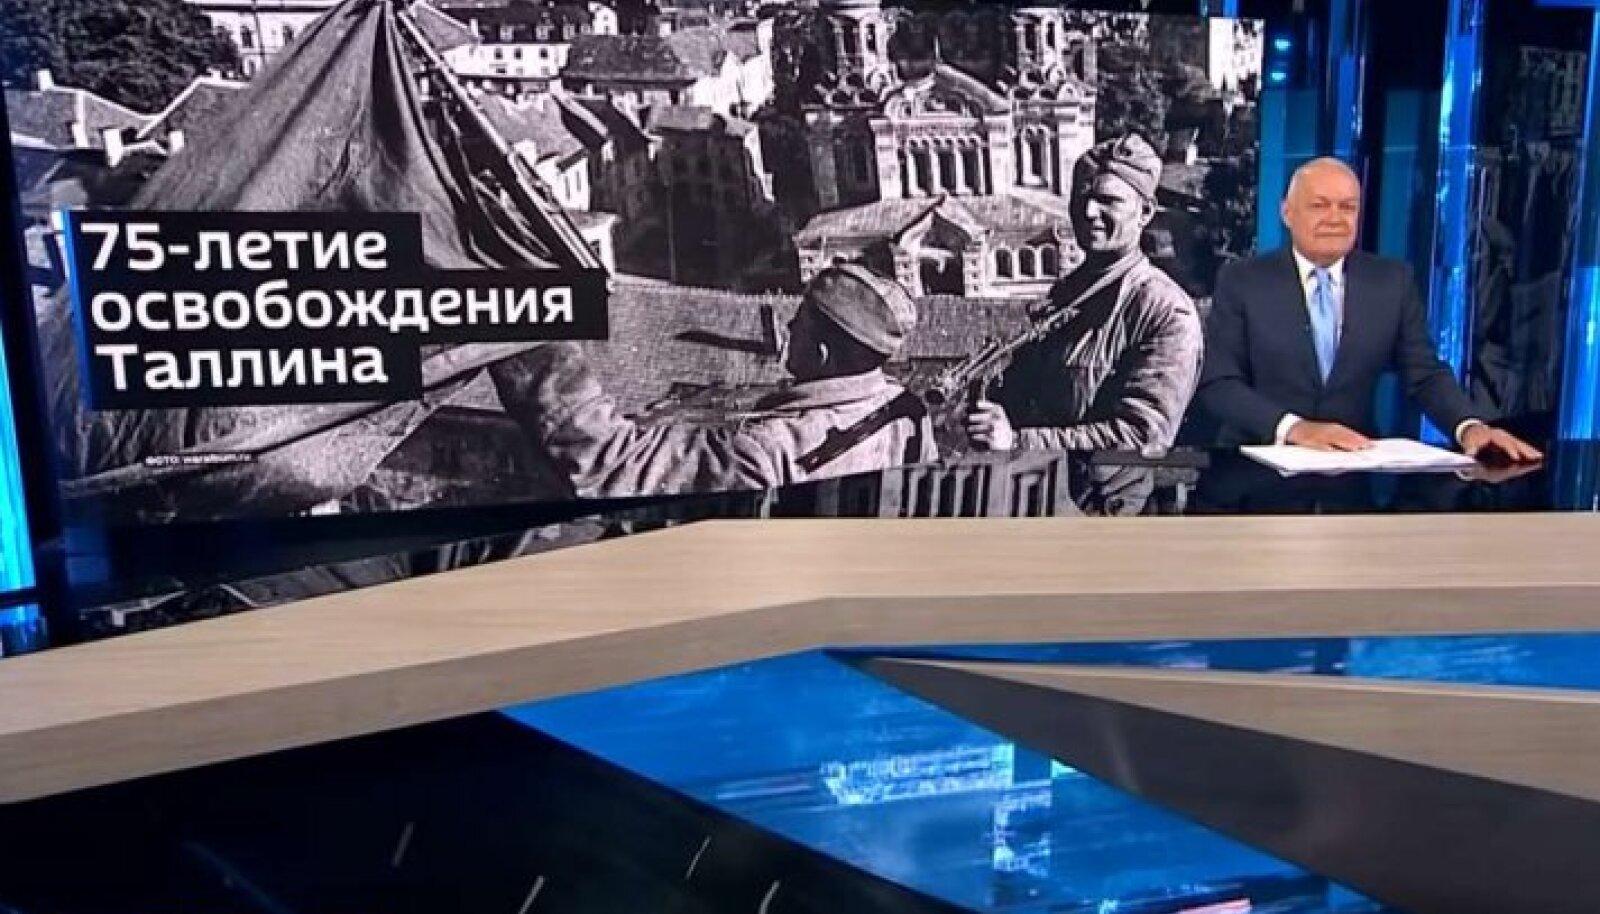 """Tallinna """"vabastamise"""" 75. aastapäeva käsitlev uudislugu telekanalis Rossija1."""